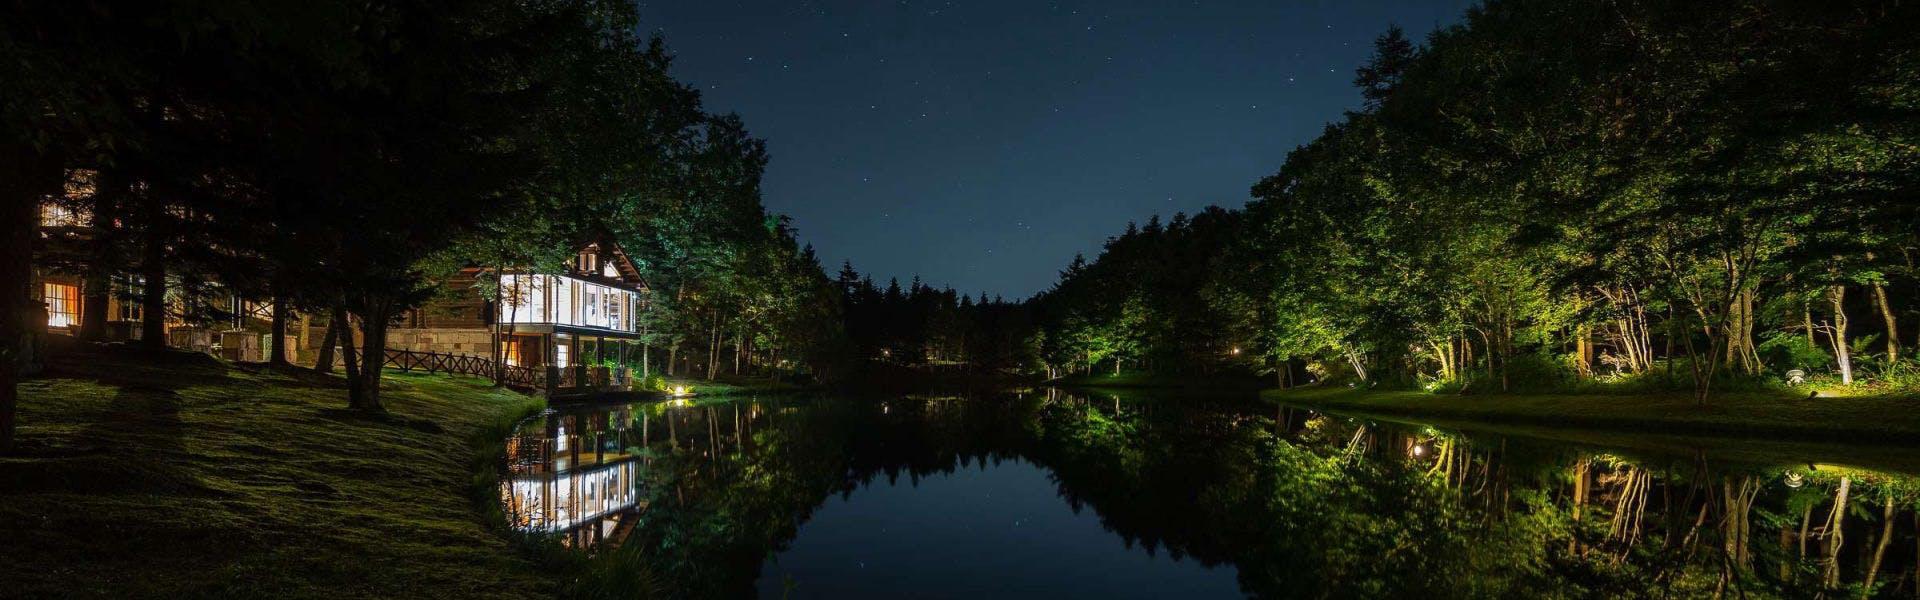 夜イメージ